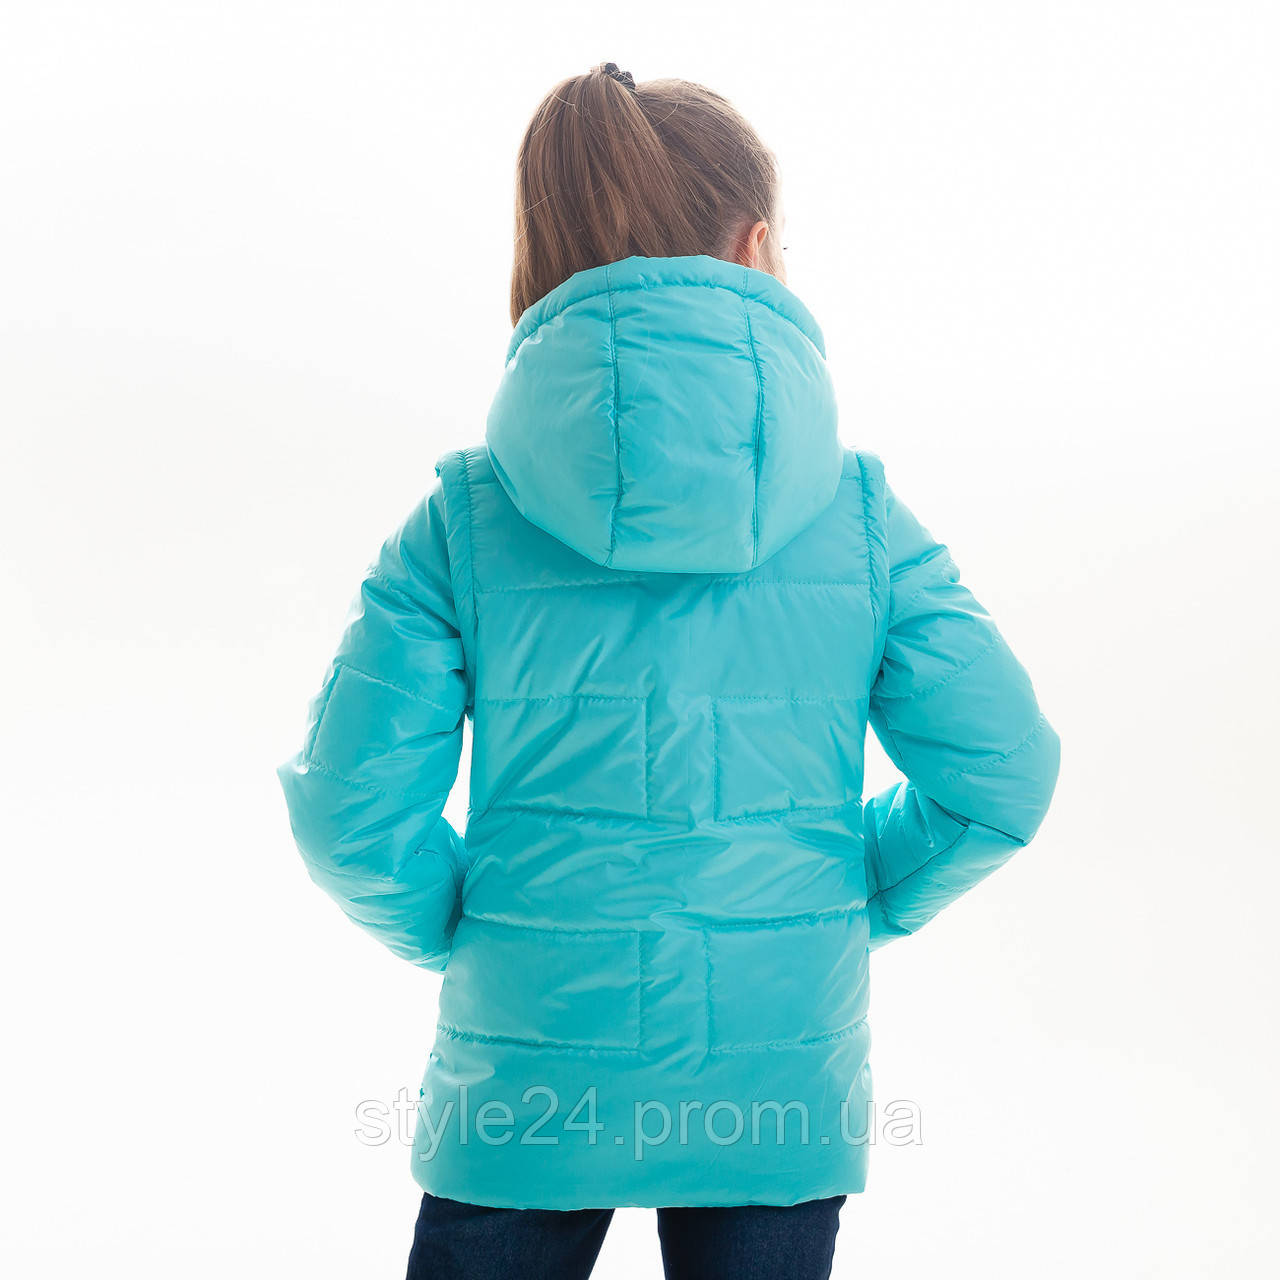 Весняна куртка-жилетка на дівчинку ростом 122-152  продажа 931b8f54c4fb2